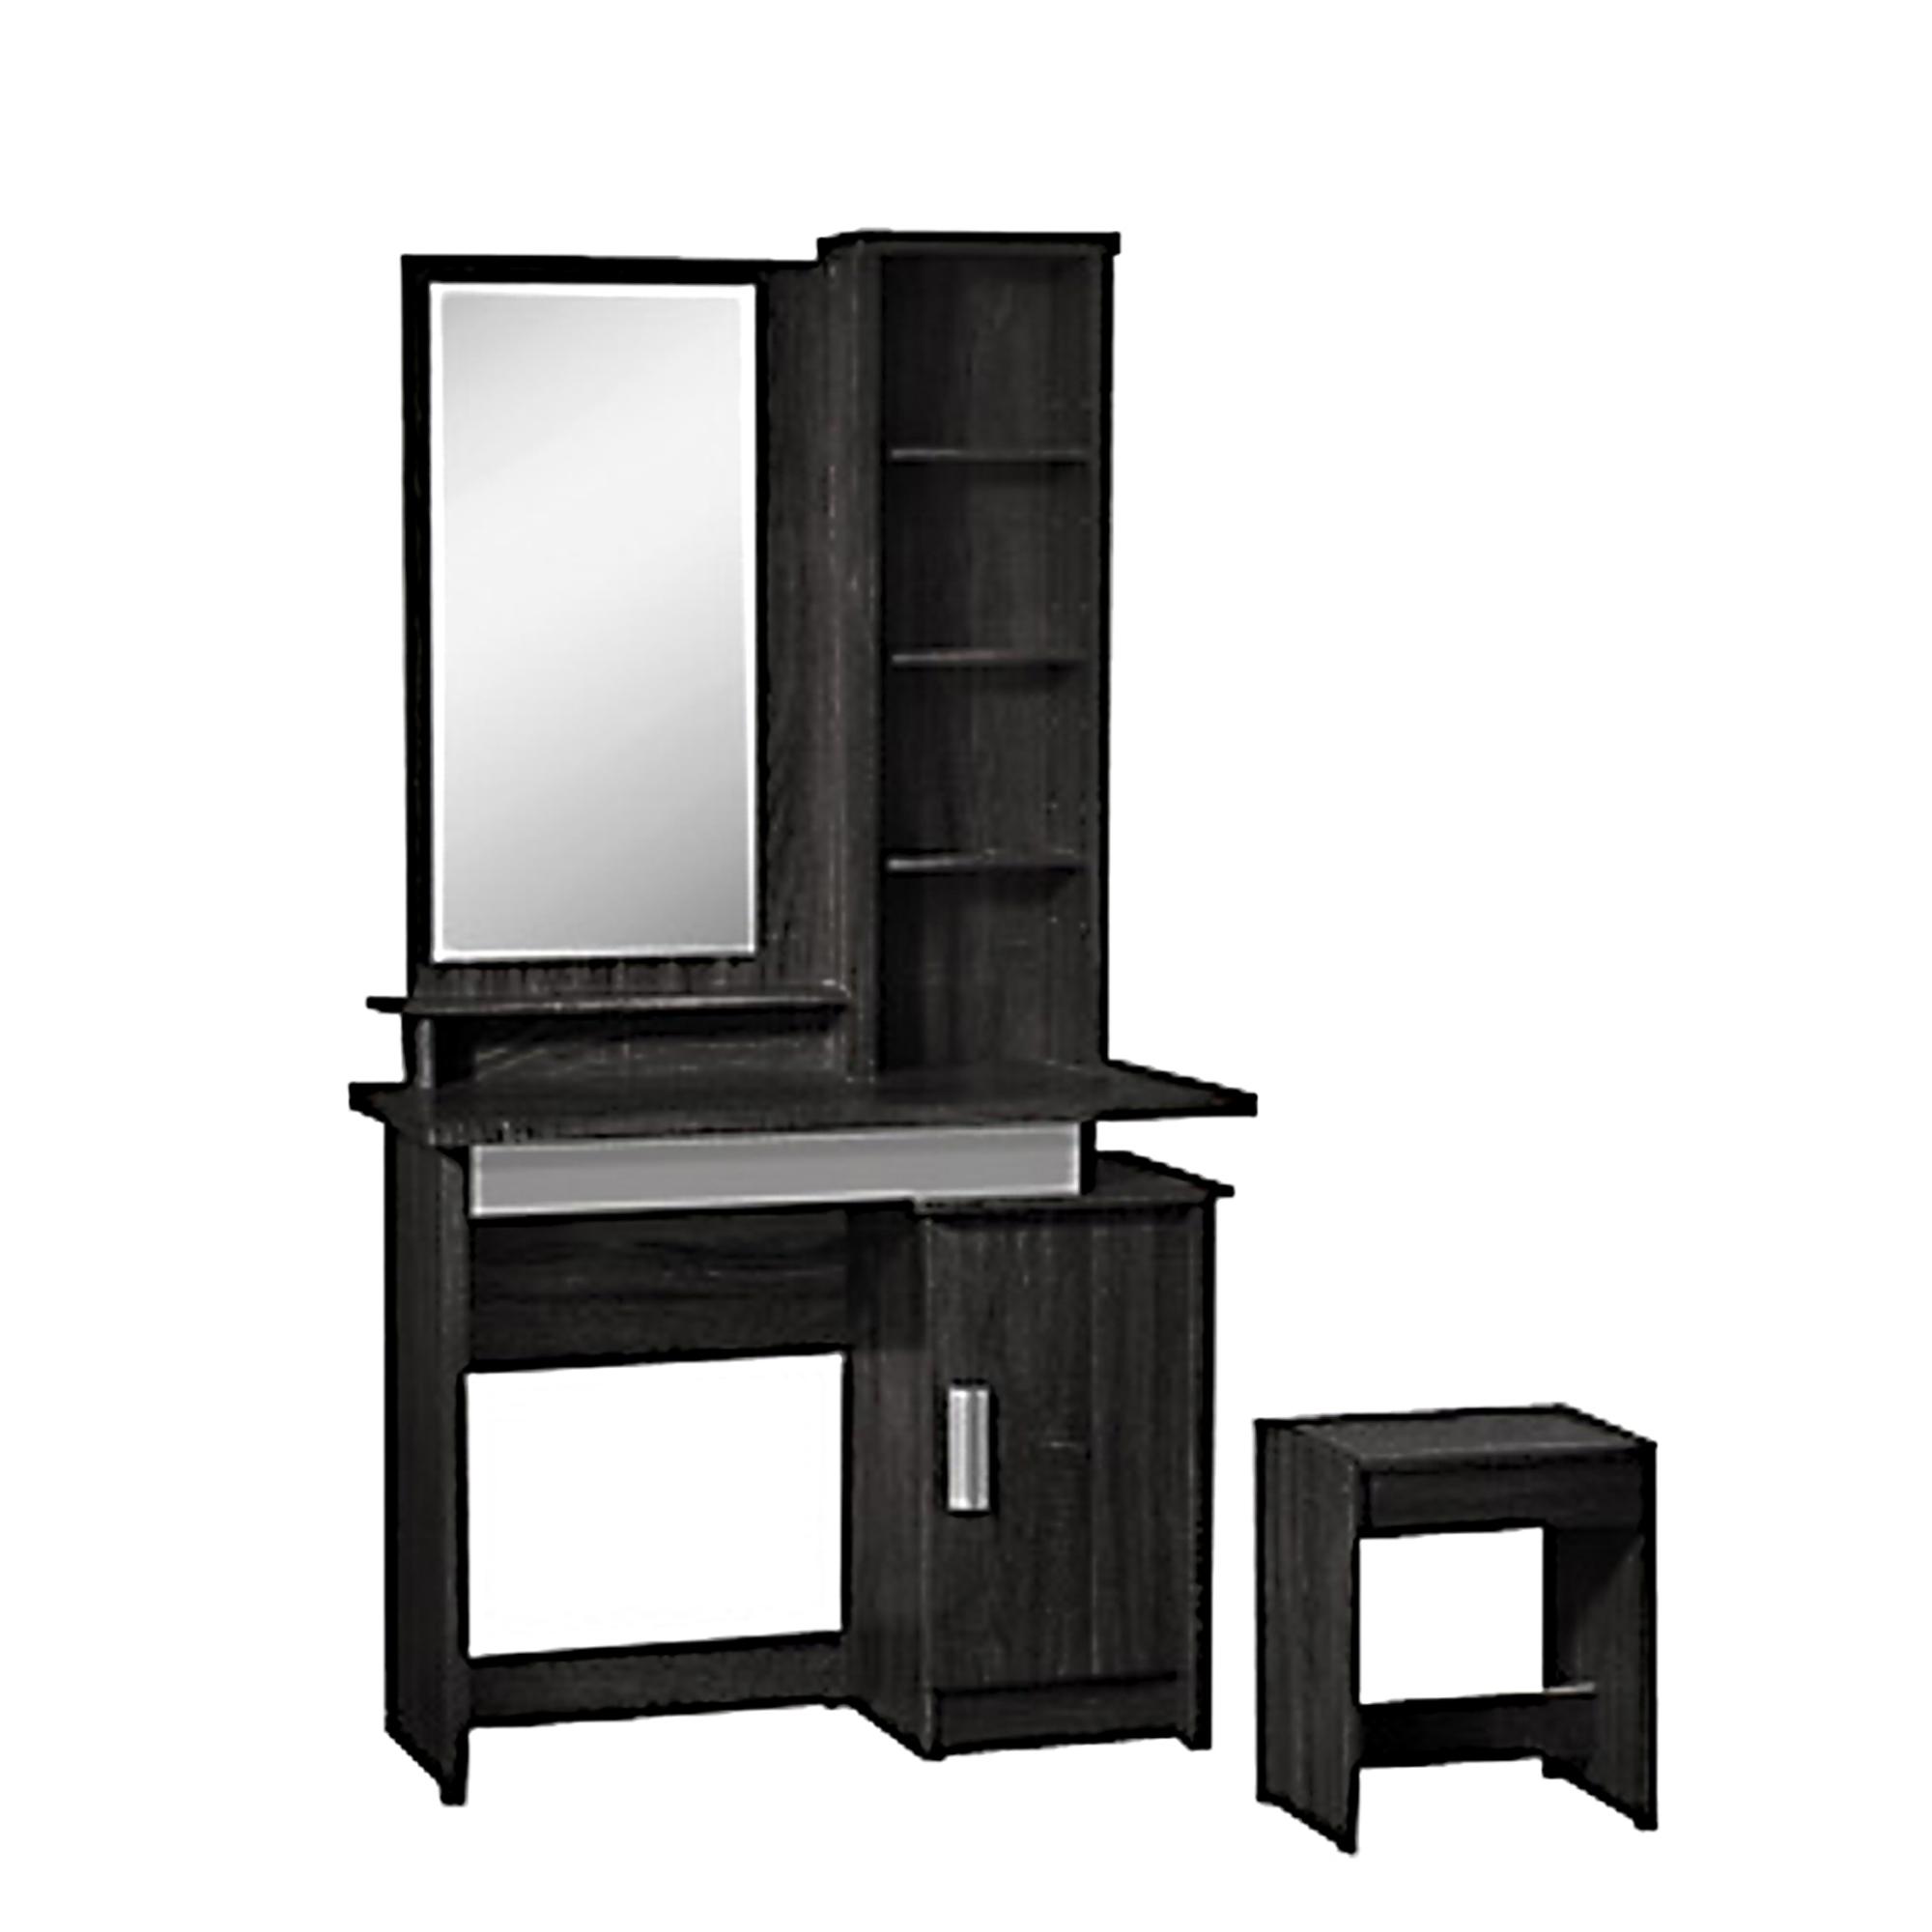 Naturalis Furniture Meja Rias MR 8727